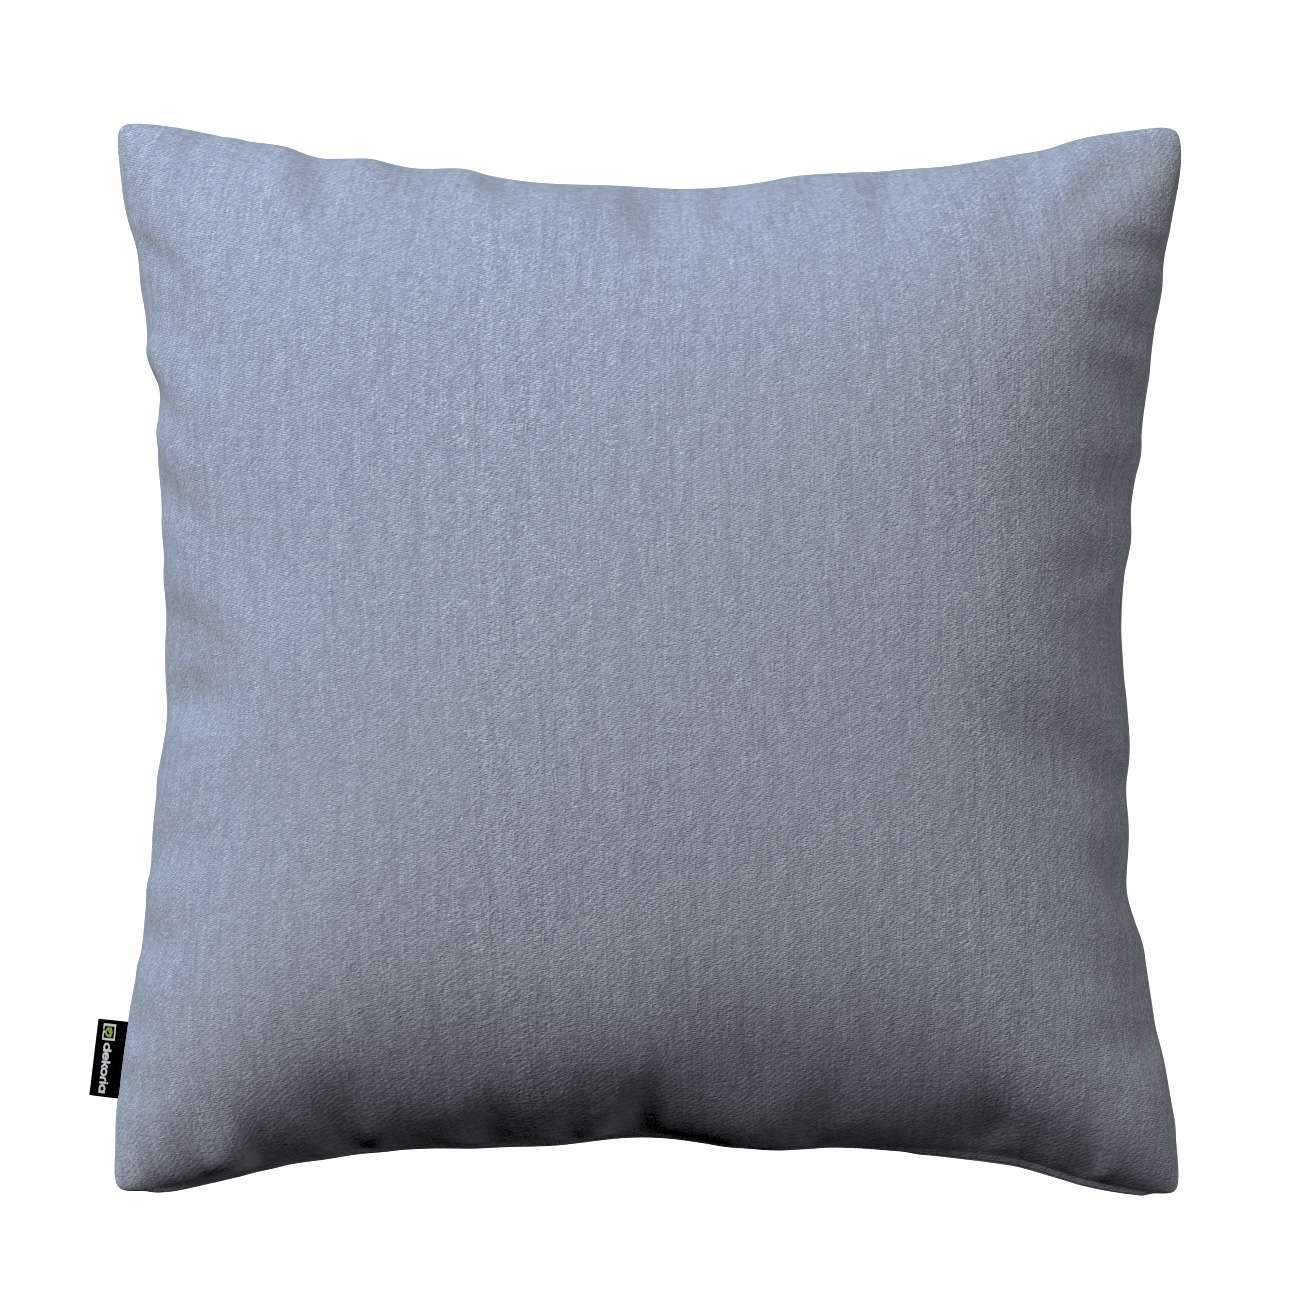 Kinga dekoratyvinės pagalvėlės užvalkalas 43 x 43 cm kolekcijoje Chenille, audinys: 702-13